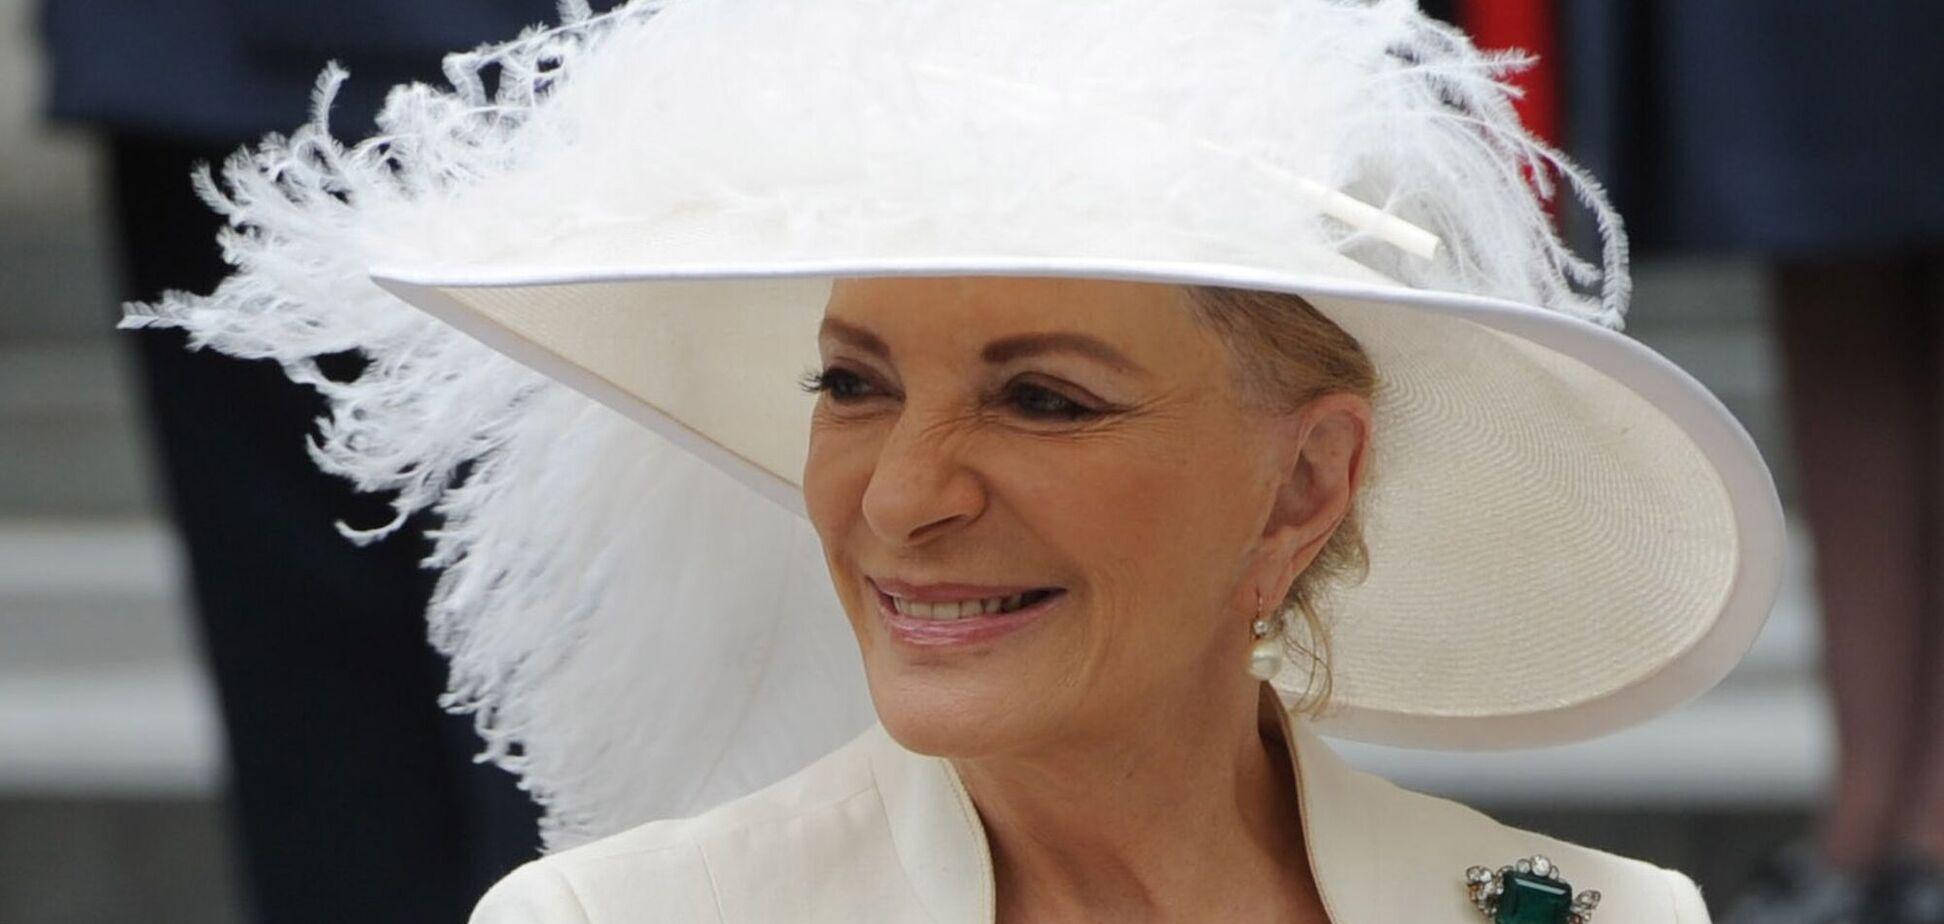 У принцеси Кентської Марії Христини фон Рейбніц виявили тромбоз